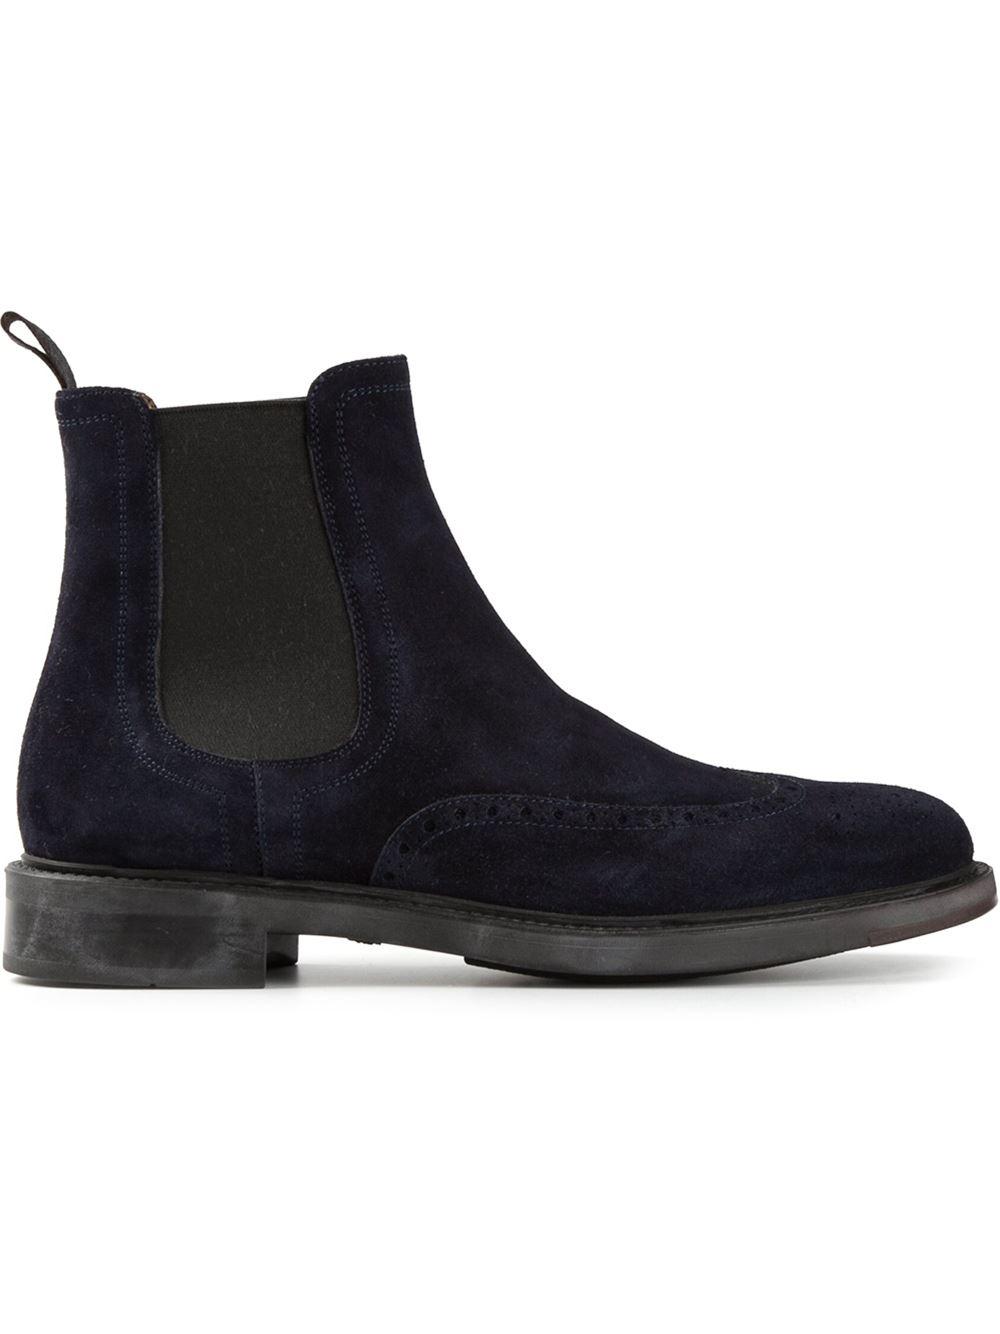 santoni chelsea boots in blue for men lyst. Black Bedroom Furniture Sets. Home Design Ideas